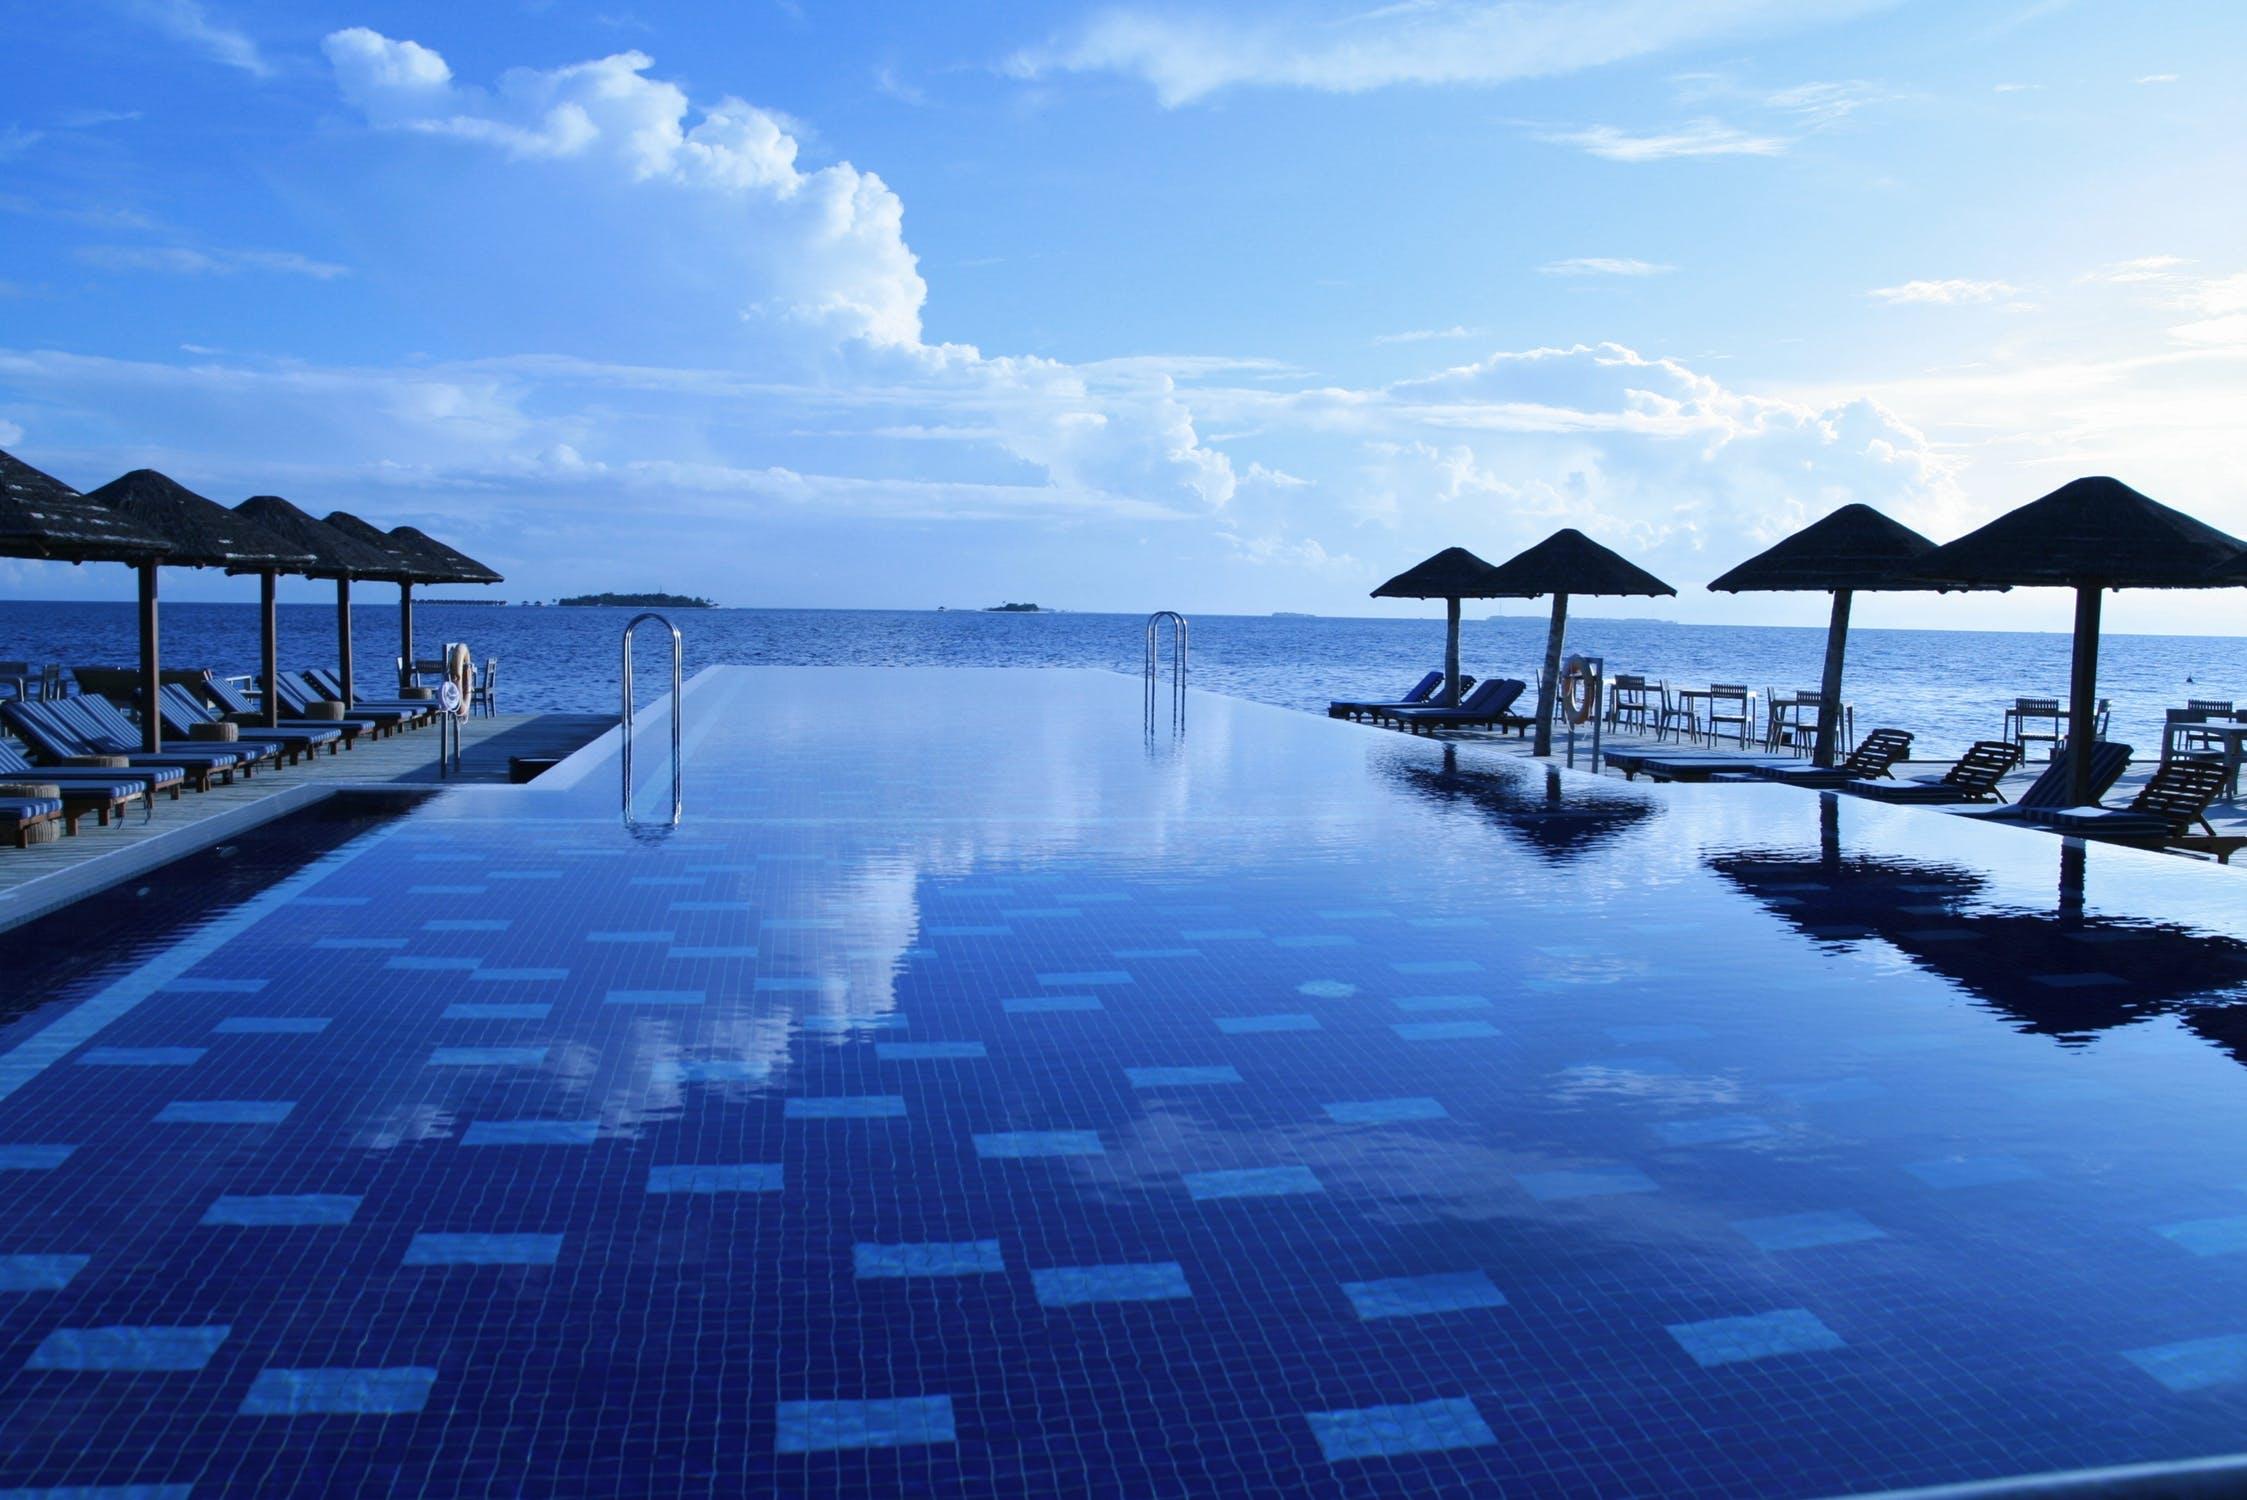 Bể bơi vô cực là gì? Những hồ bơi trải dài vô cùng cực trên thế giới Be-boi-vo-cuc-3